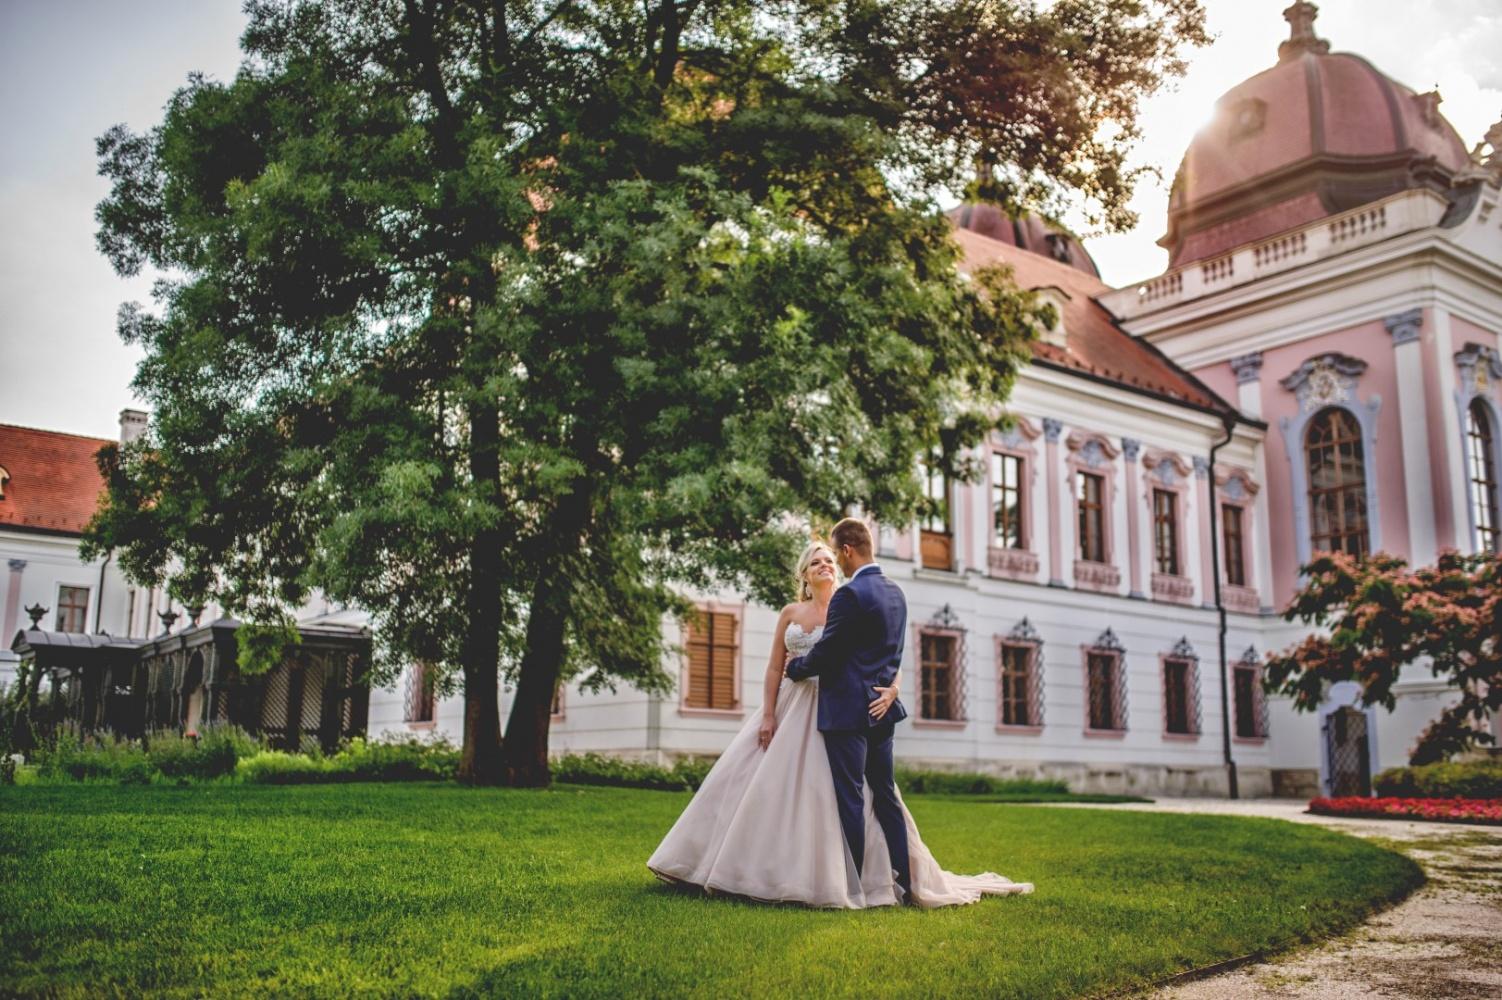 http://www.fotoz.sk/images/gallery-22/normal/eskuvoi-fotos_svadobny-fotograf_705.jpg